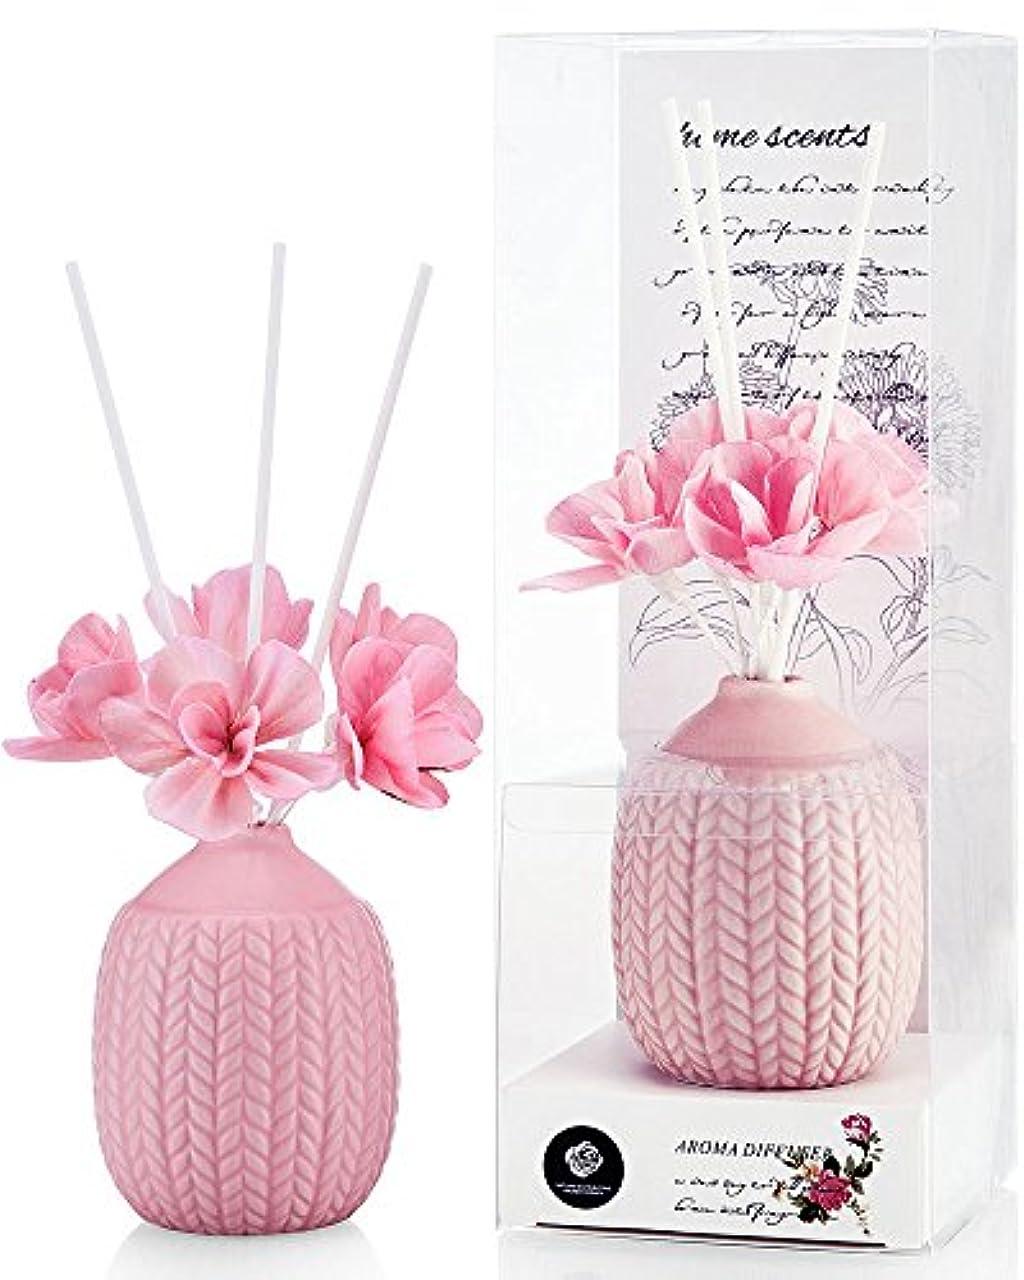 マージン洗練されたパイパステルカラー ルームフレグランス /芳香剤 アロマ スティック リードディフューザー (花:ピンク、香り:ローズ)